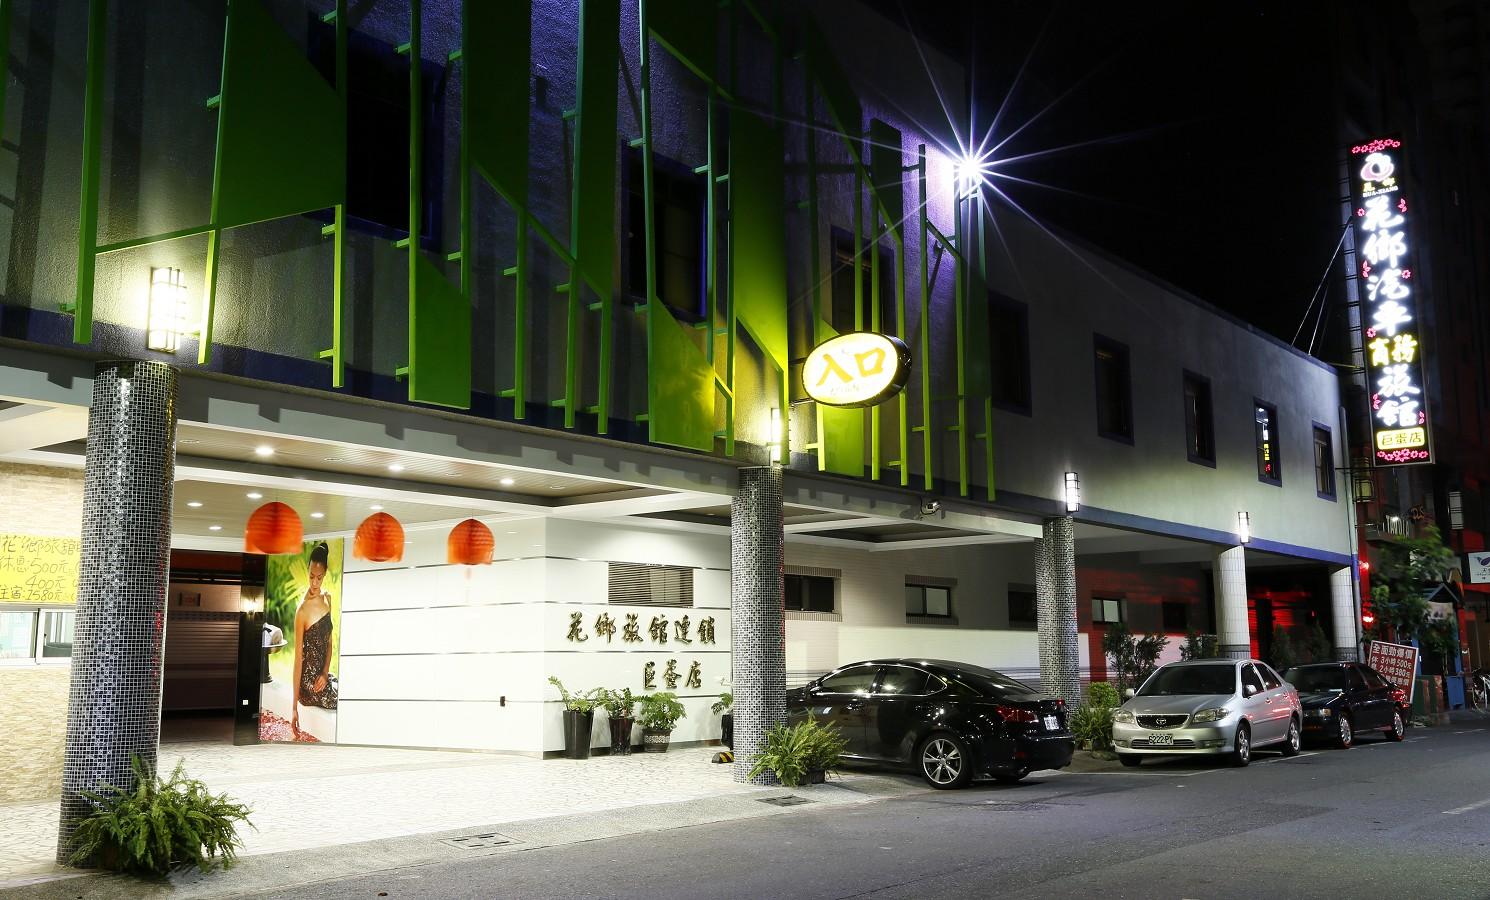 花鄉汽車旅館-巨蛋店